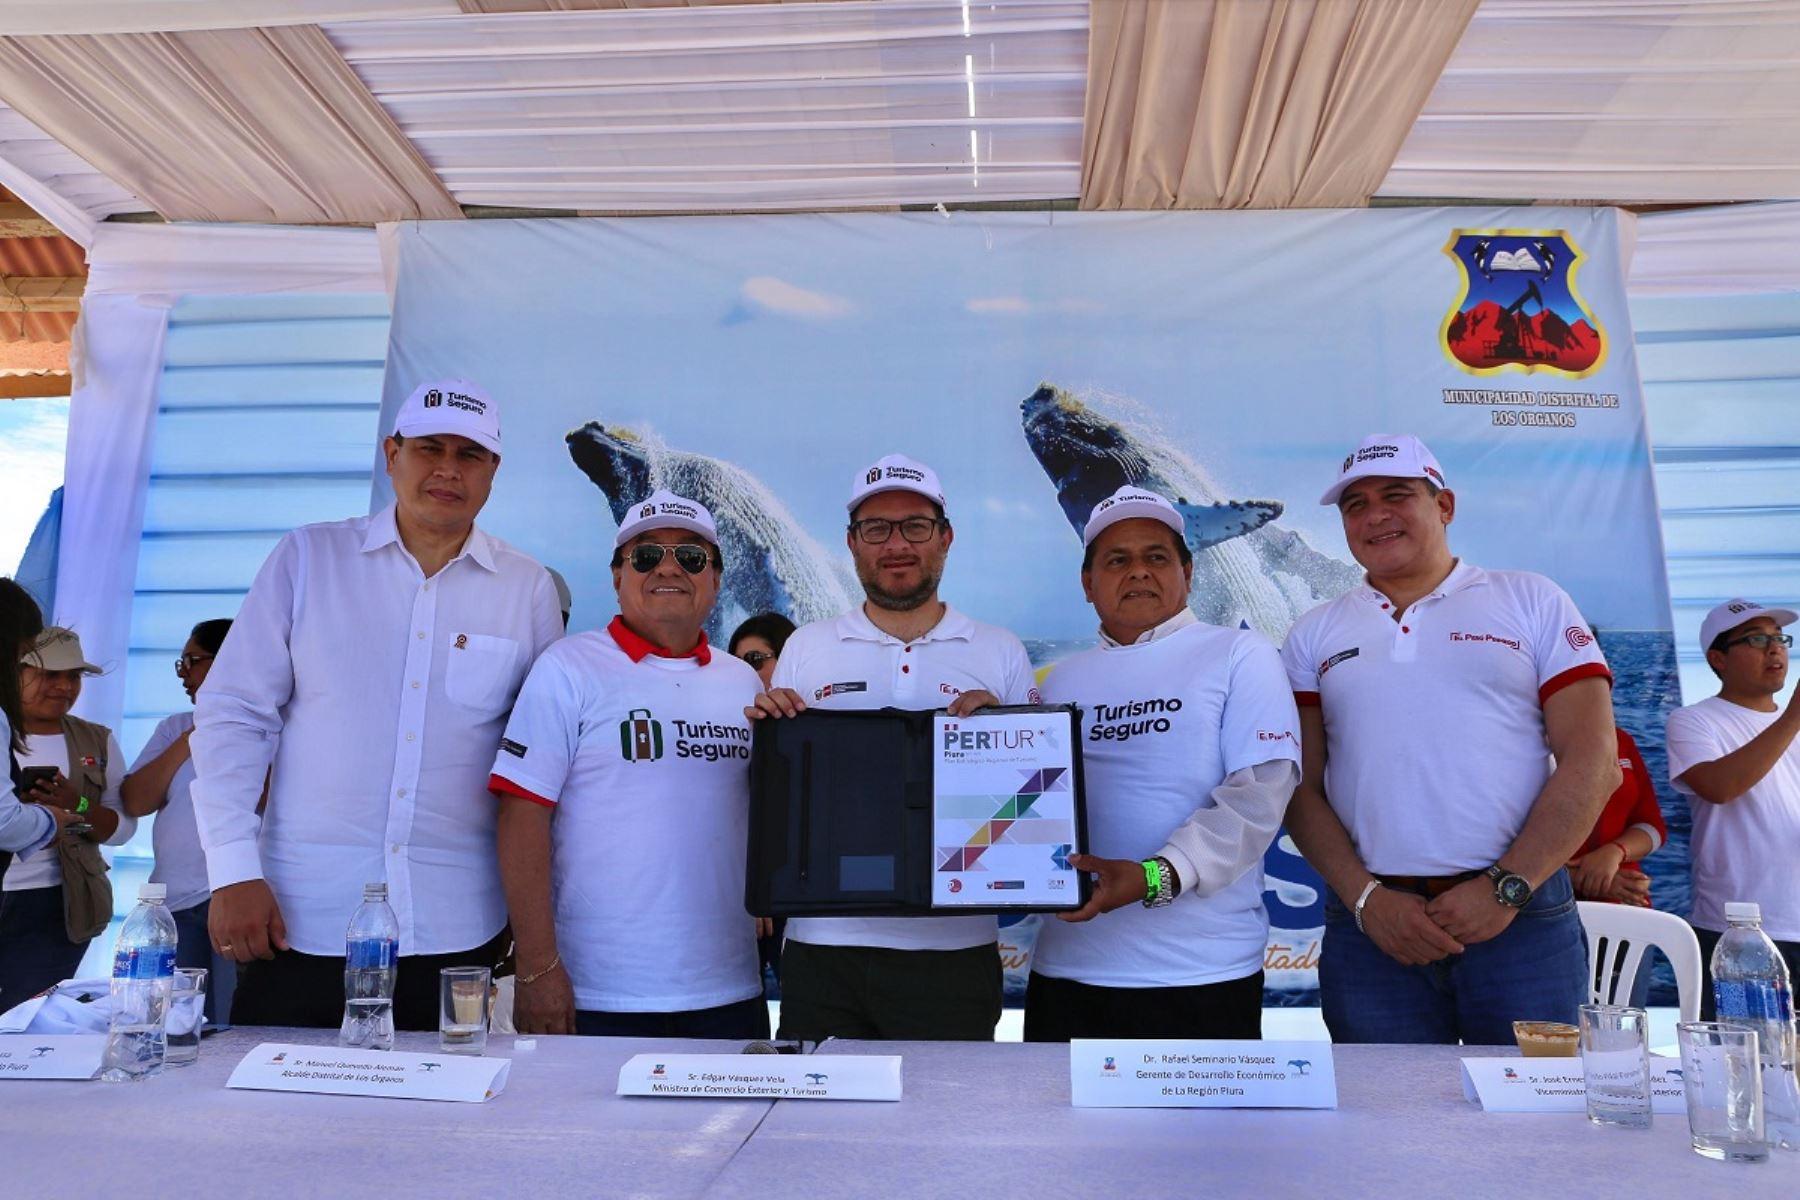 Presentación del plan de turismo para Piura. Foto: Cortesía.